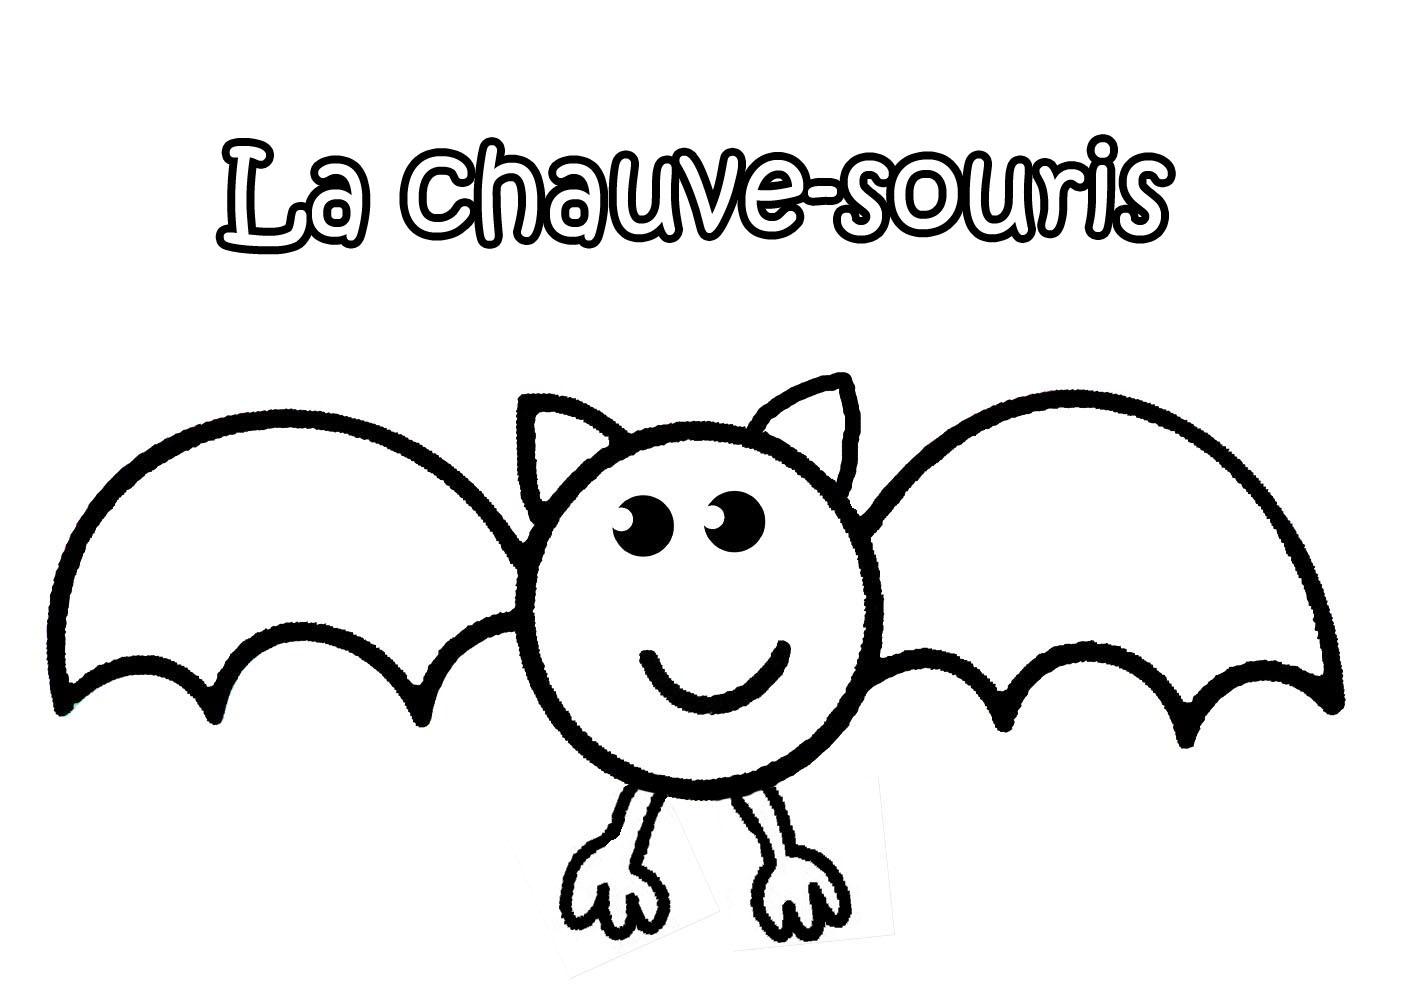 dessin de chauve souris pour halloween